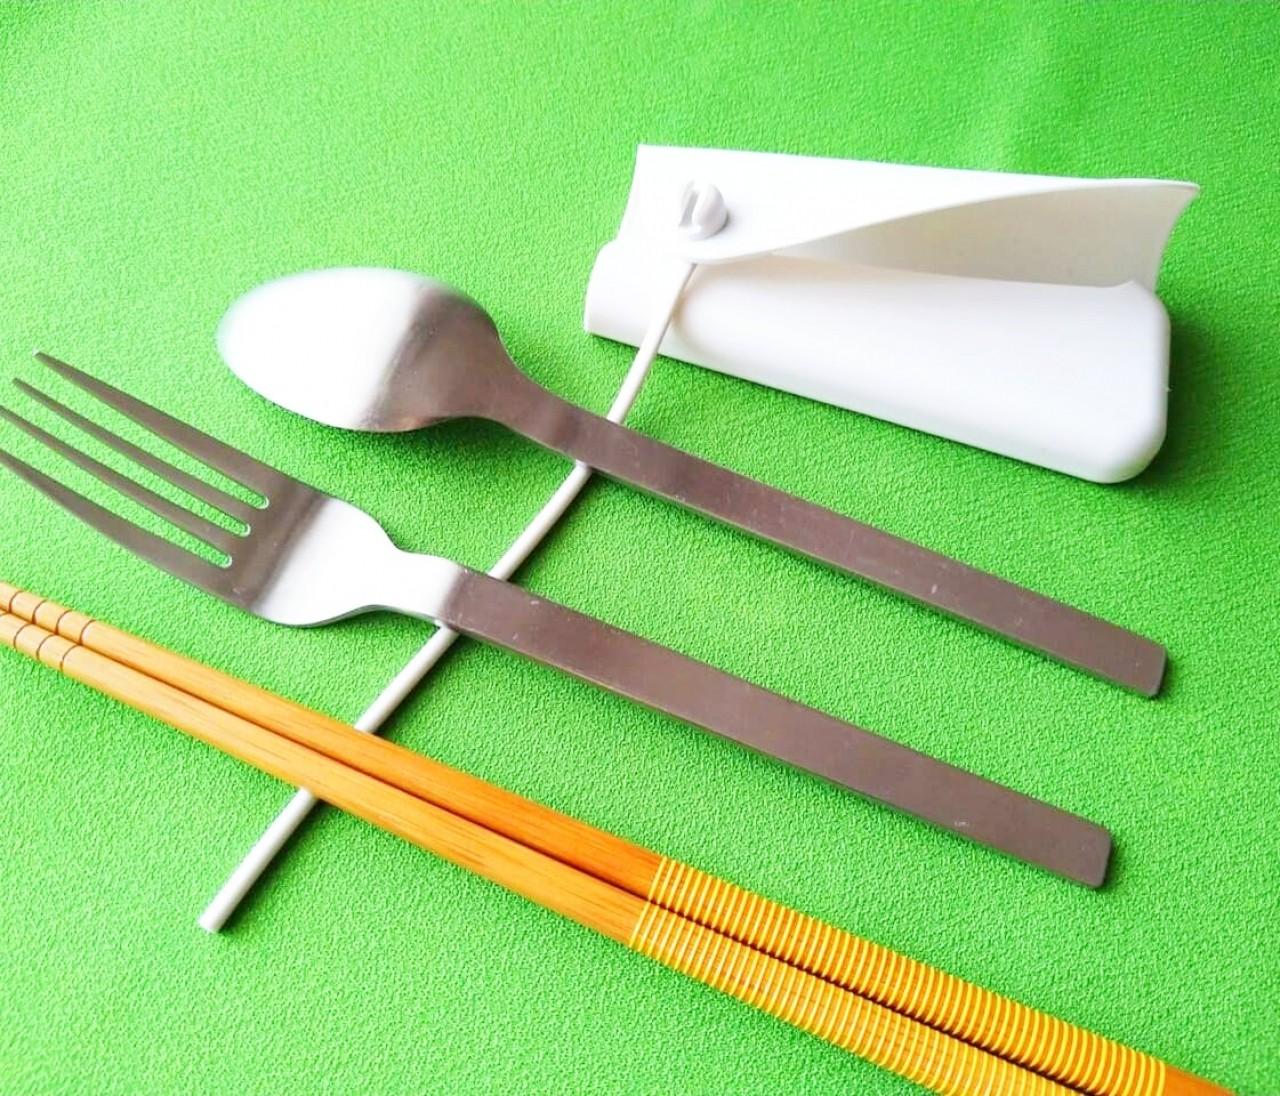 【無印良品】お箸やフォークはもちろん意外な活用法も。「シリコーンカトラリーカバー」がエコで使える!